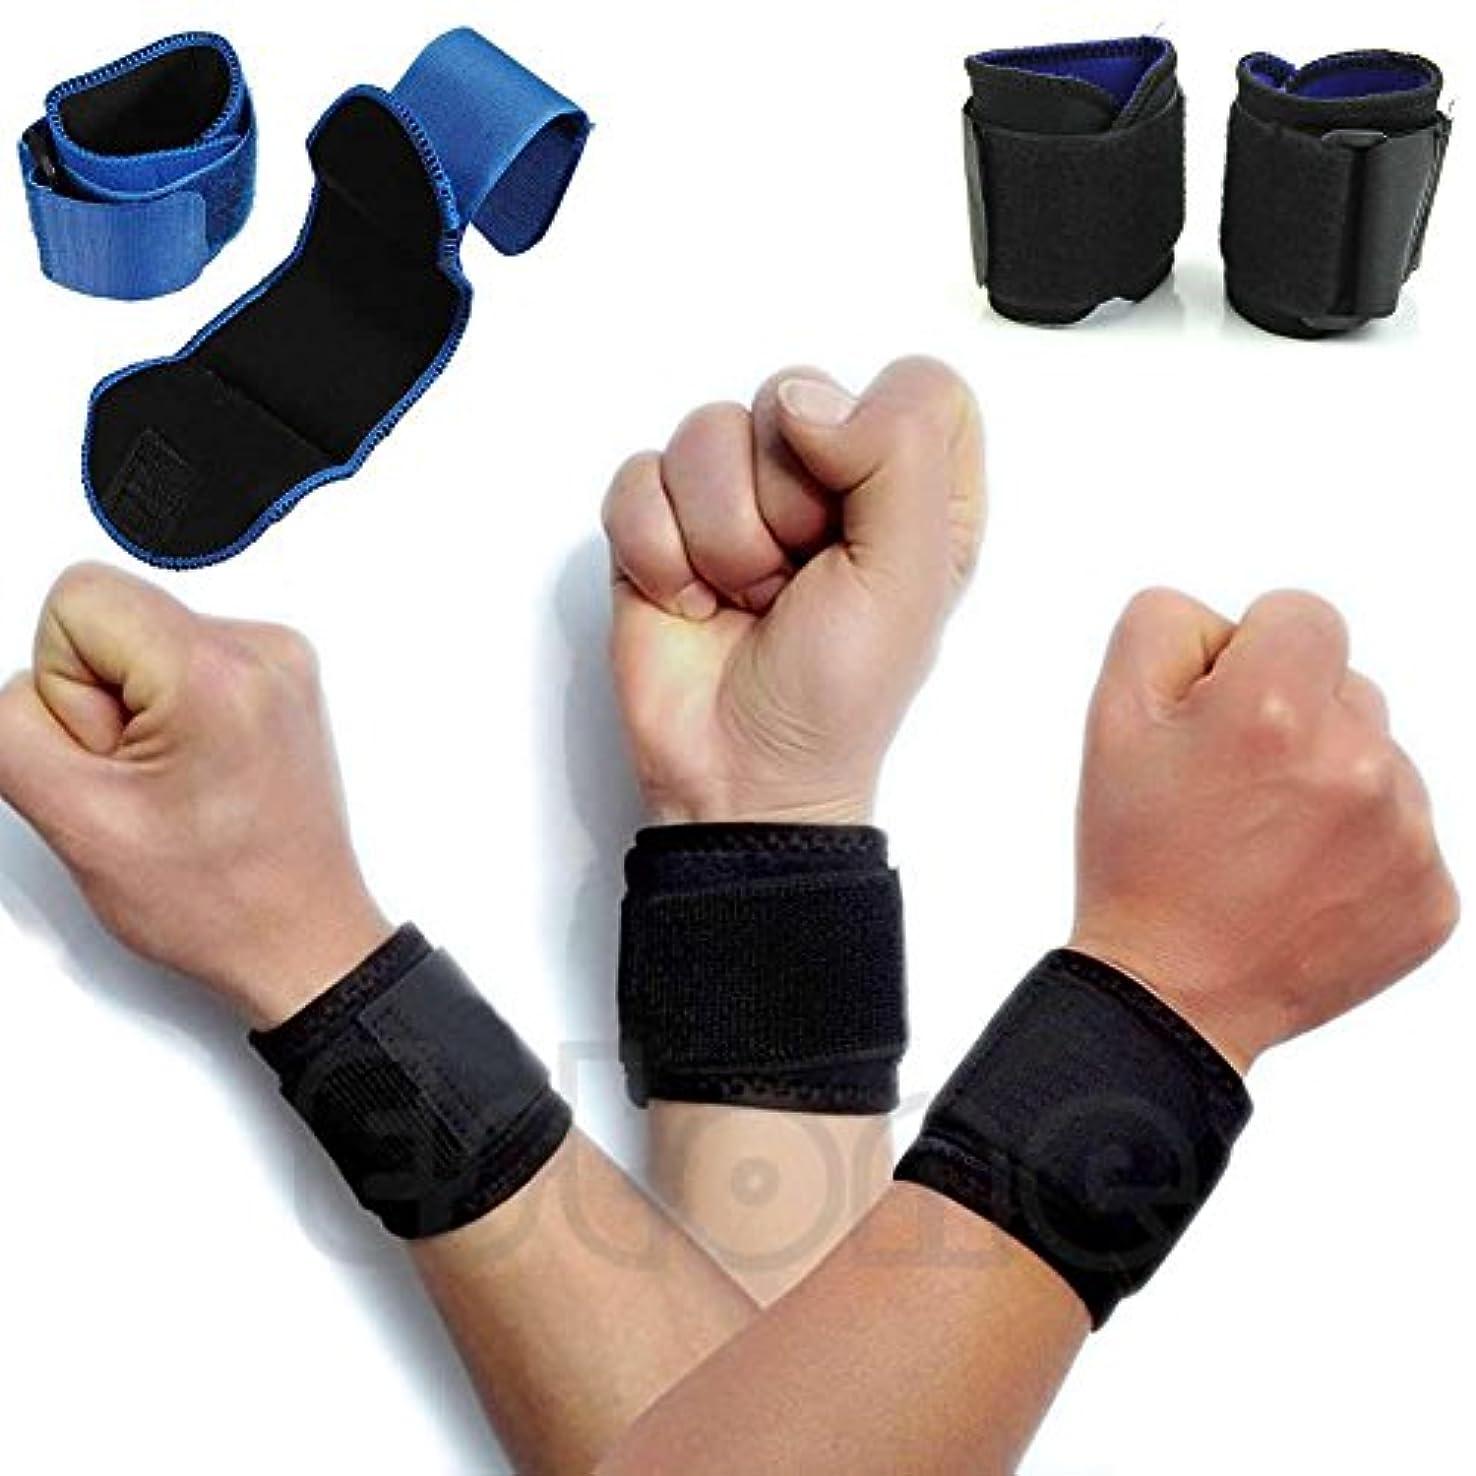 ルーキー異議かかわらず新 調節可 スポーツ用 手首 巻き付け 包帯 ジム支援 締付手首バンド 1カップル